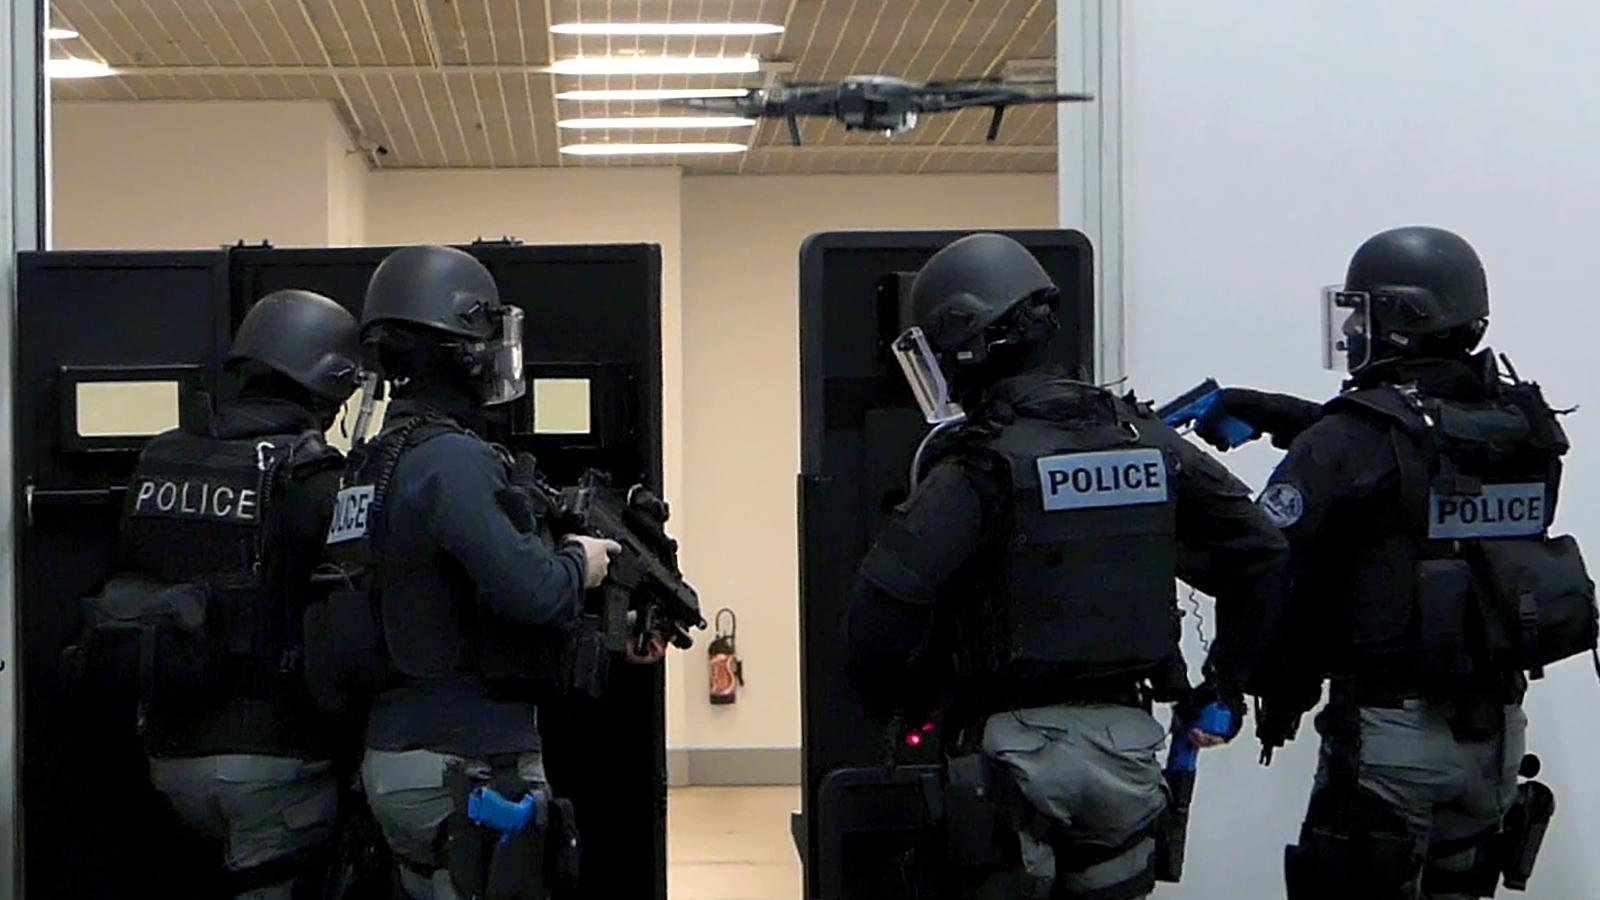 Policier-Surete-publique-terrorisme-@-Obs-Sophie-Noachovitch-3-Drone